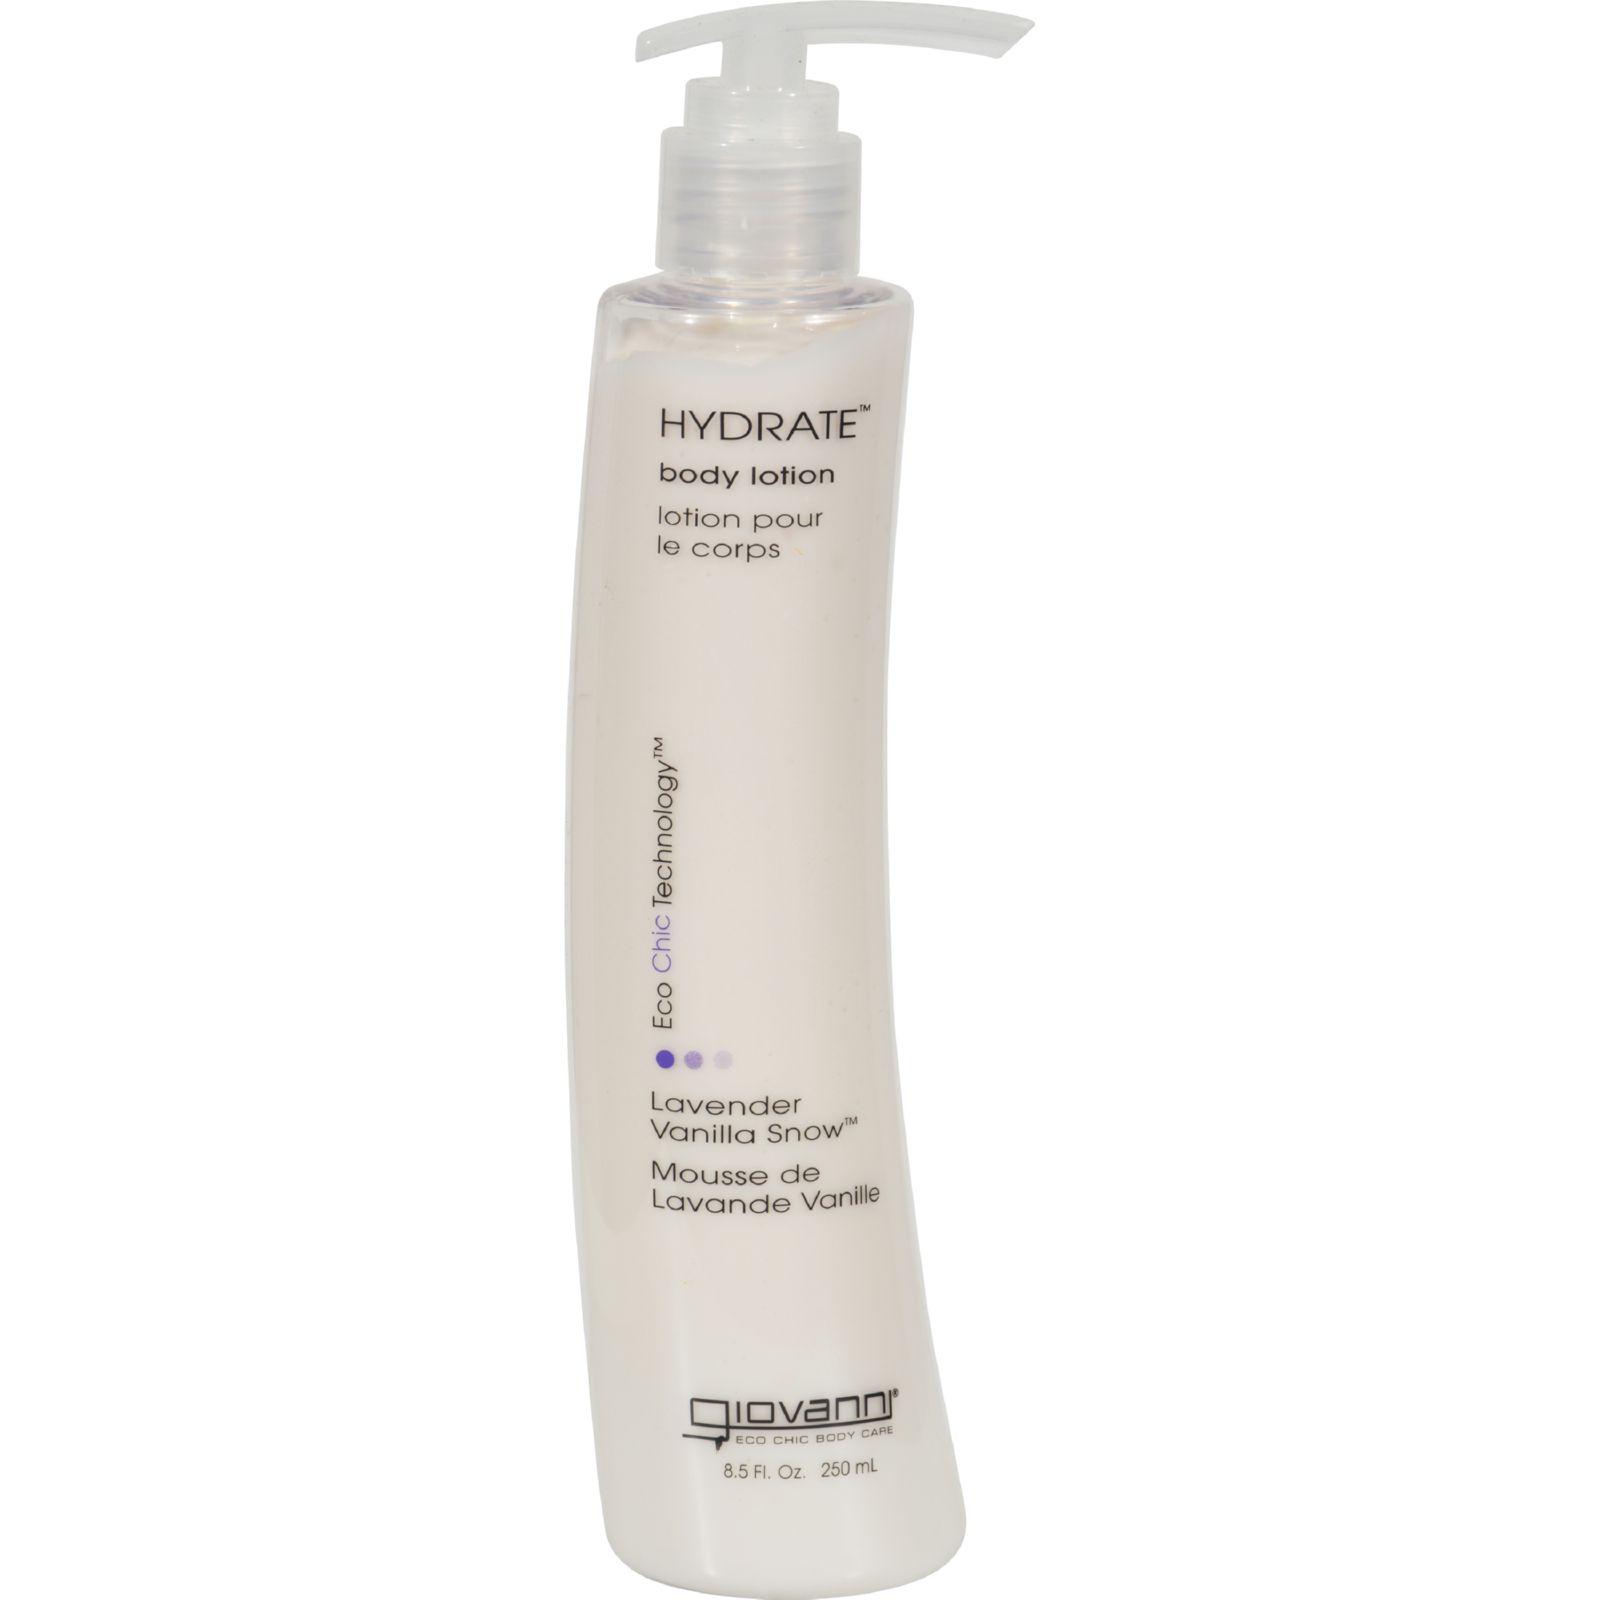 Giovanni Hydrate Body Lotion Lavender Vanilla - 8.5 fl oz